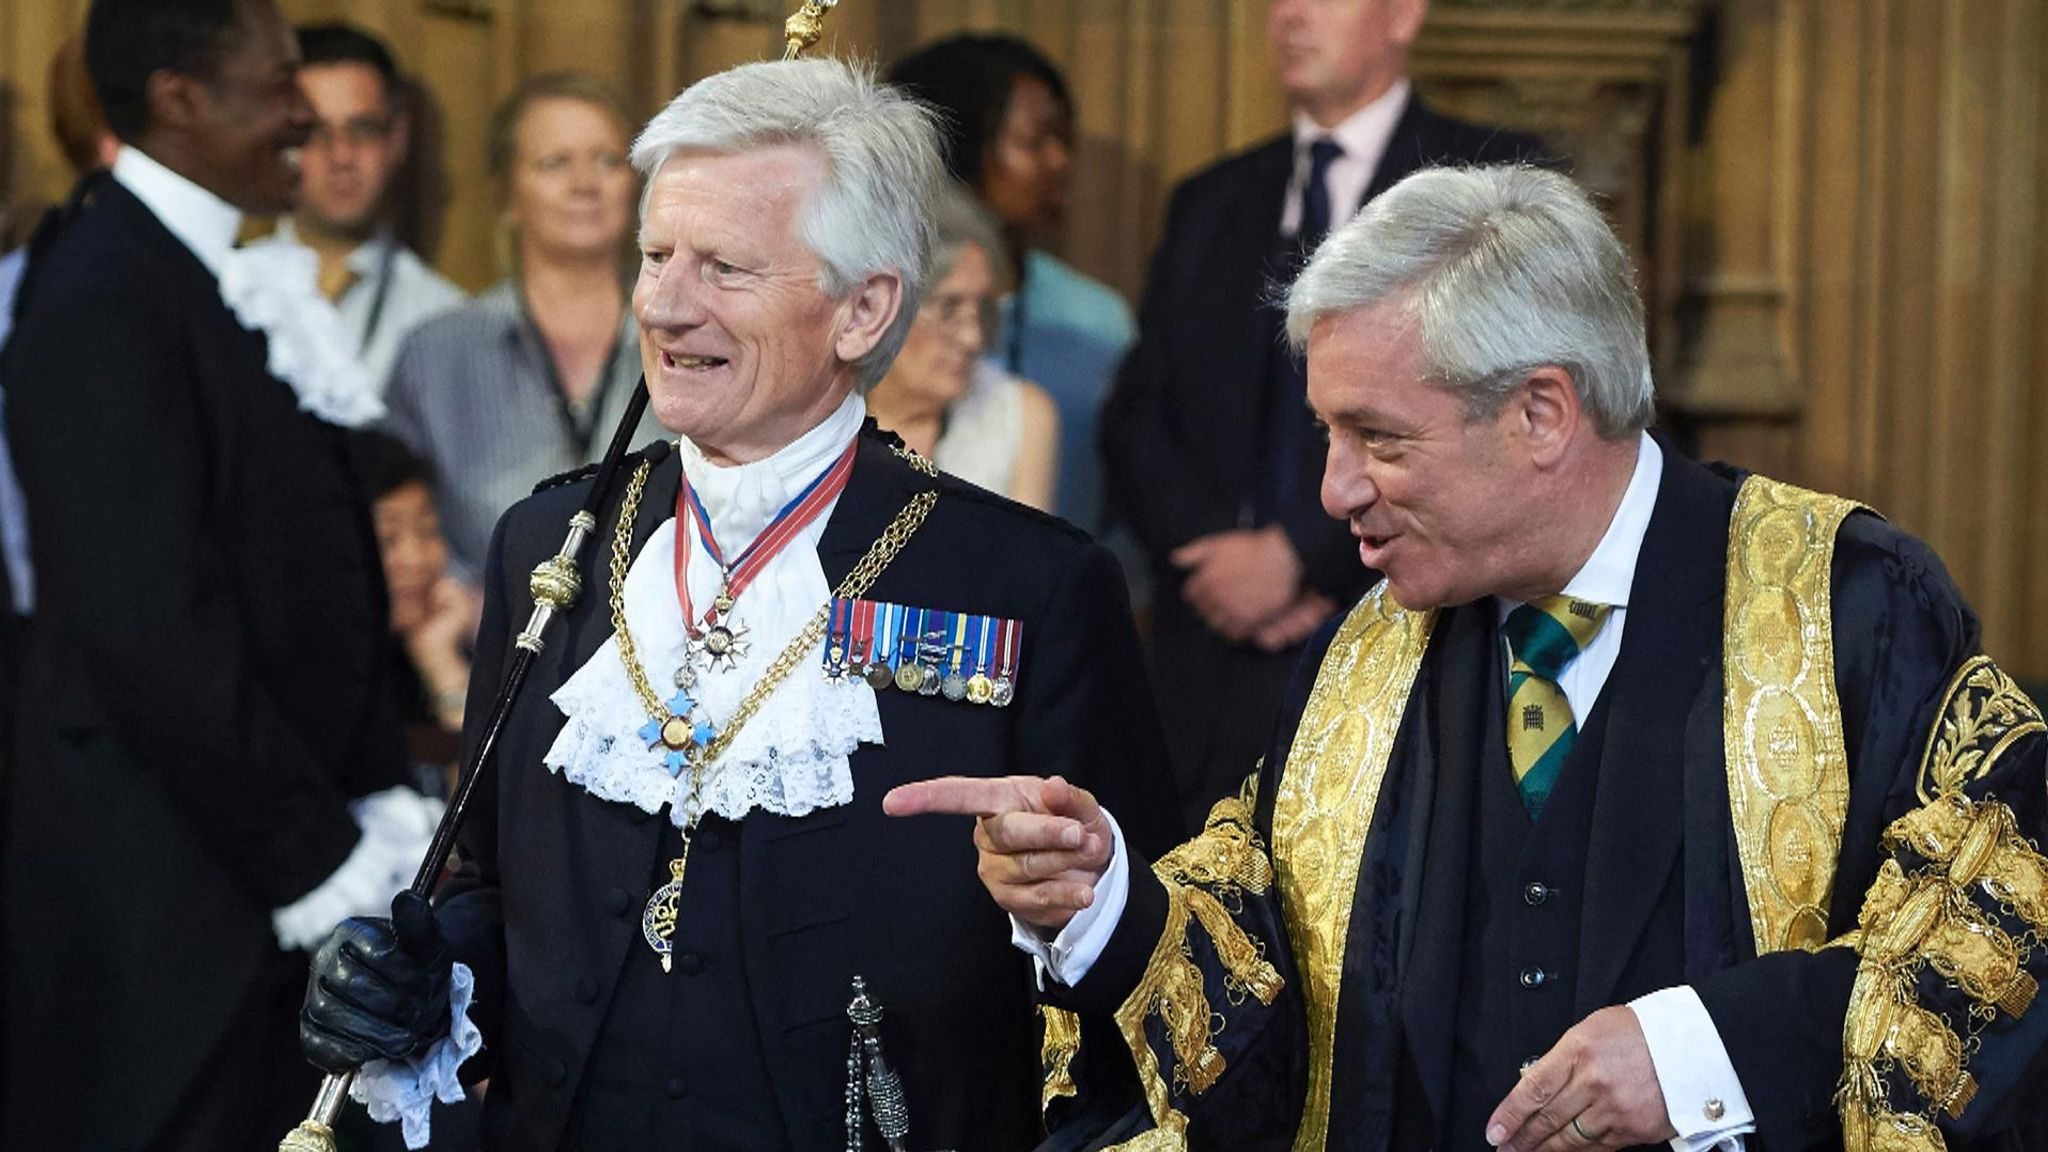 Former Speaker John Bercow 'brutalised Commons staff', says ex-Black Rod